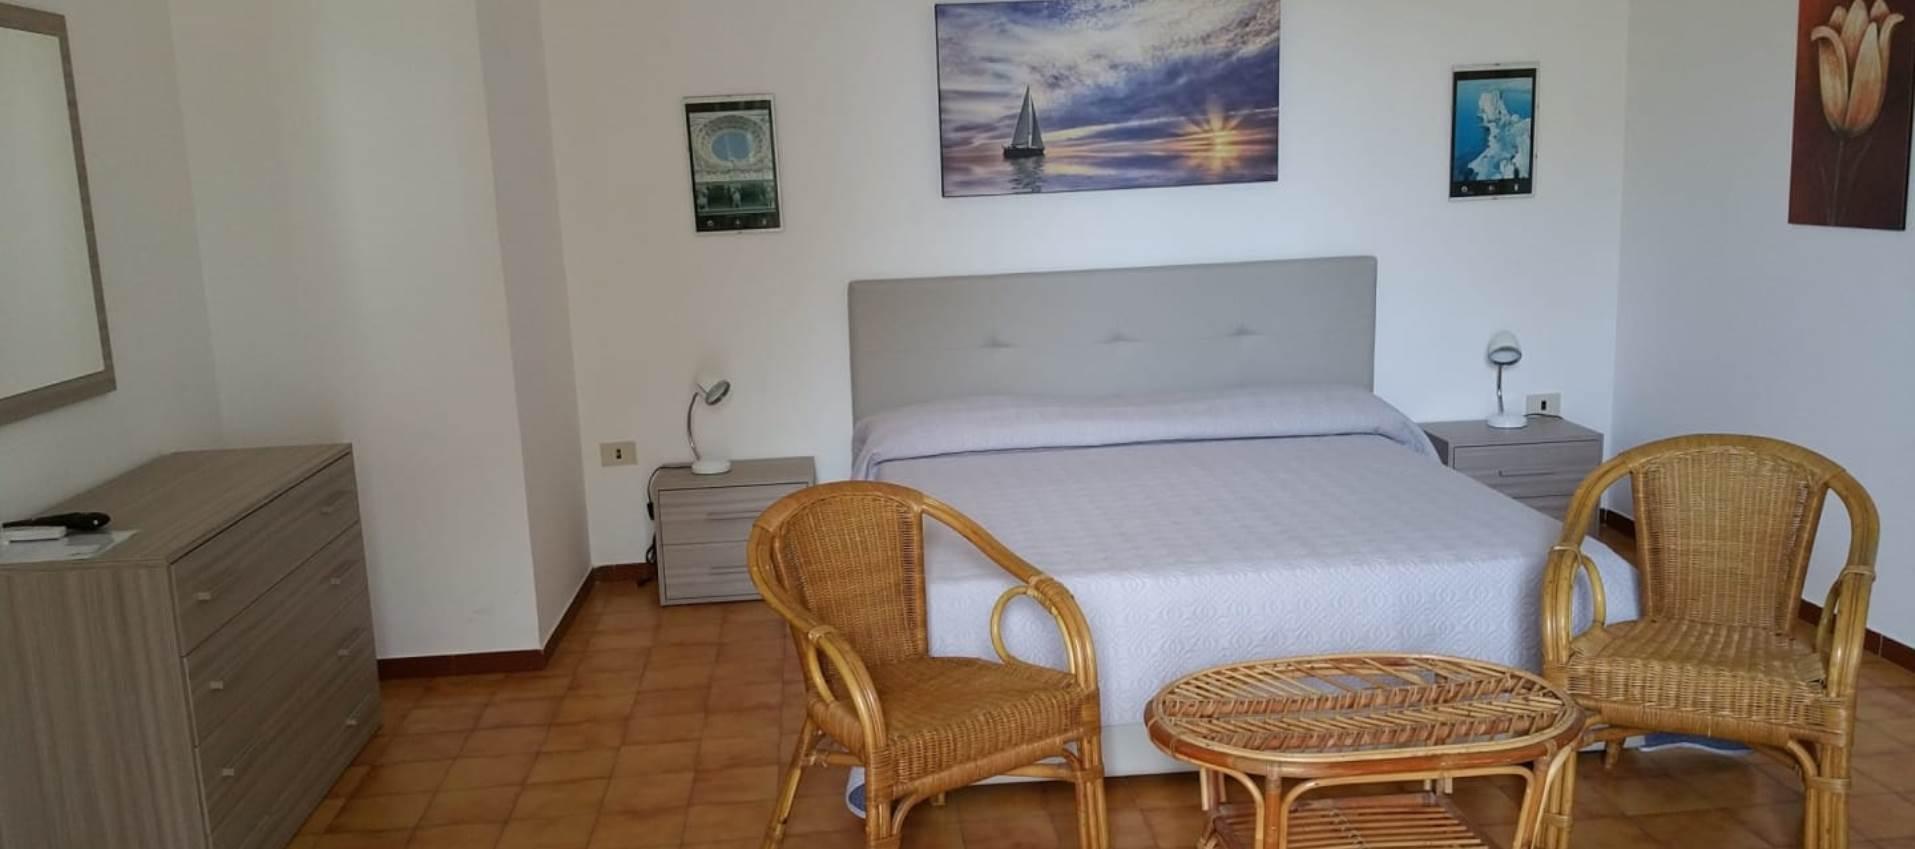 Camere semplici e confortovoli